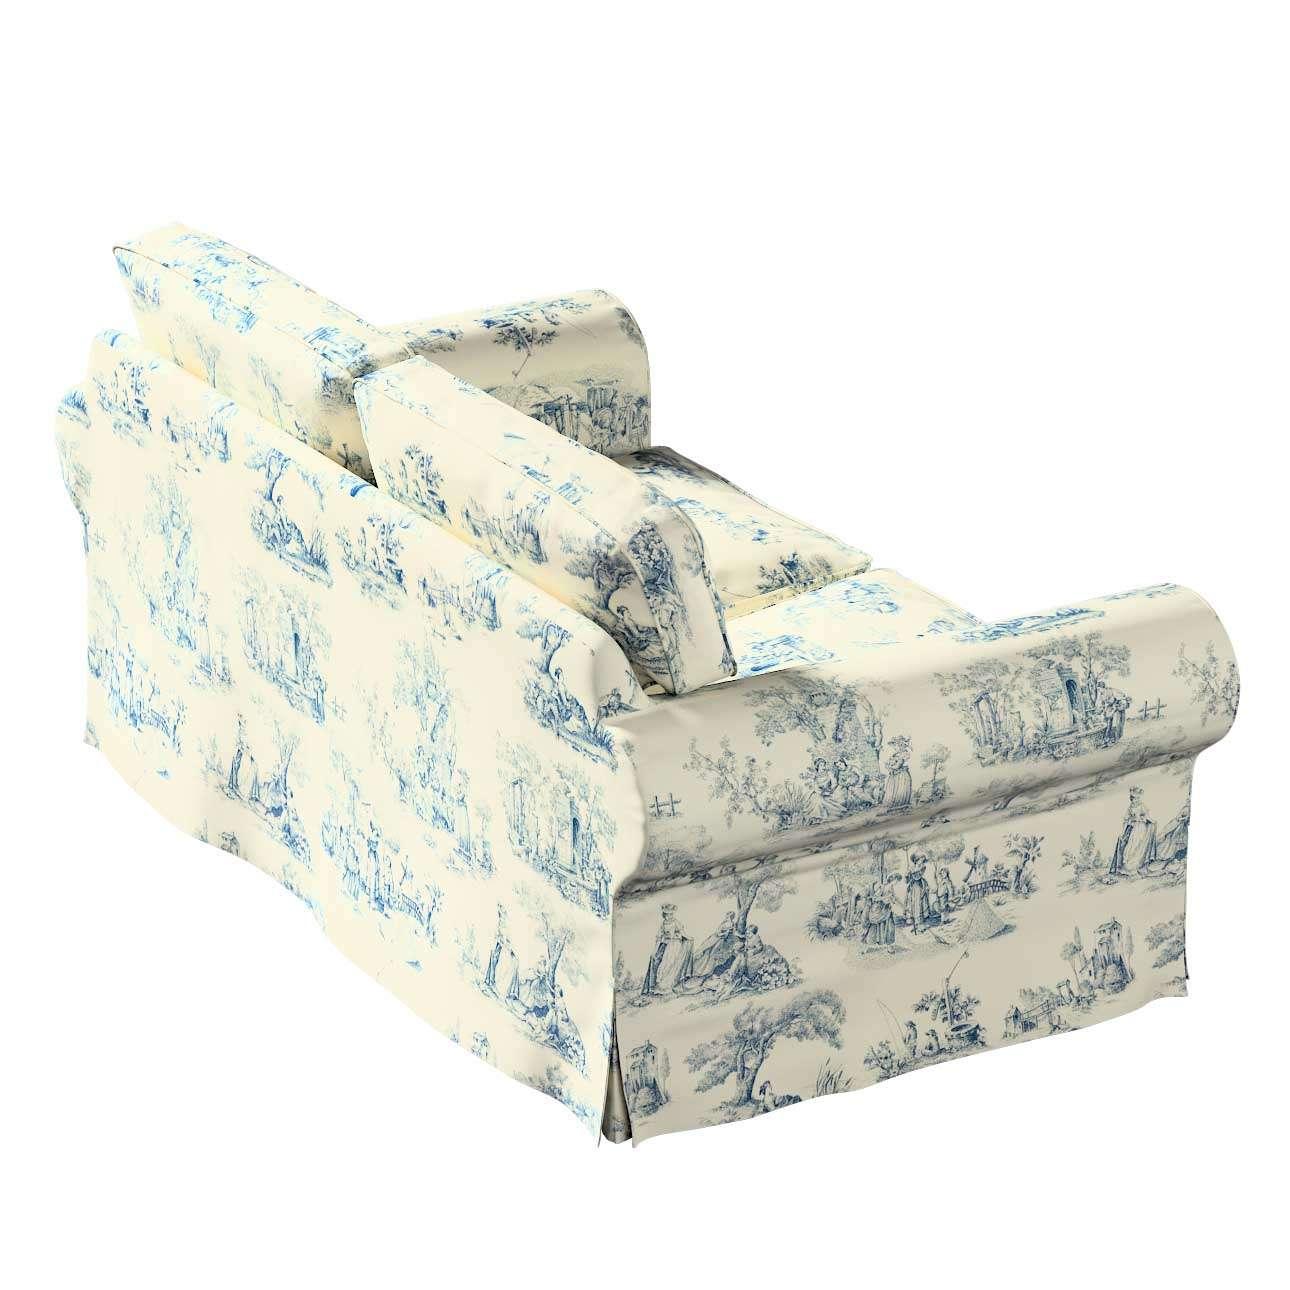 Ektorp dvivietės sofos užvalkalas Ektorp dvivietės sofos užvalkalas kolekcijoje Avinon, audinys: 132-66